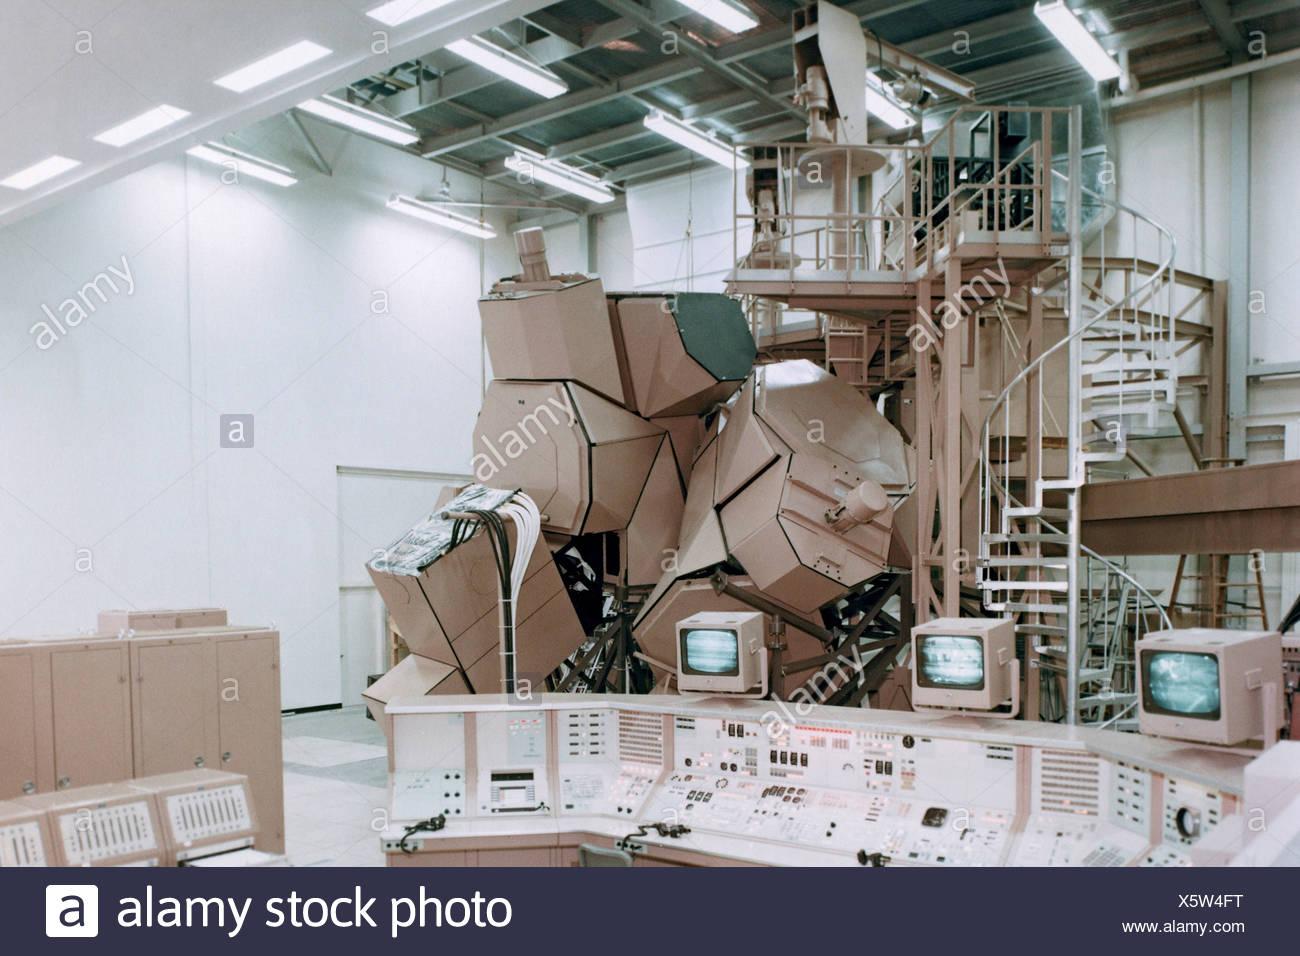 Apollo Mission Stock Photos & Apollo Mission Stock Images ...